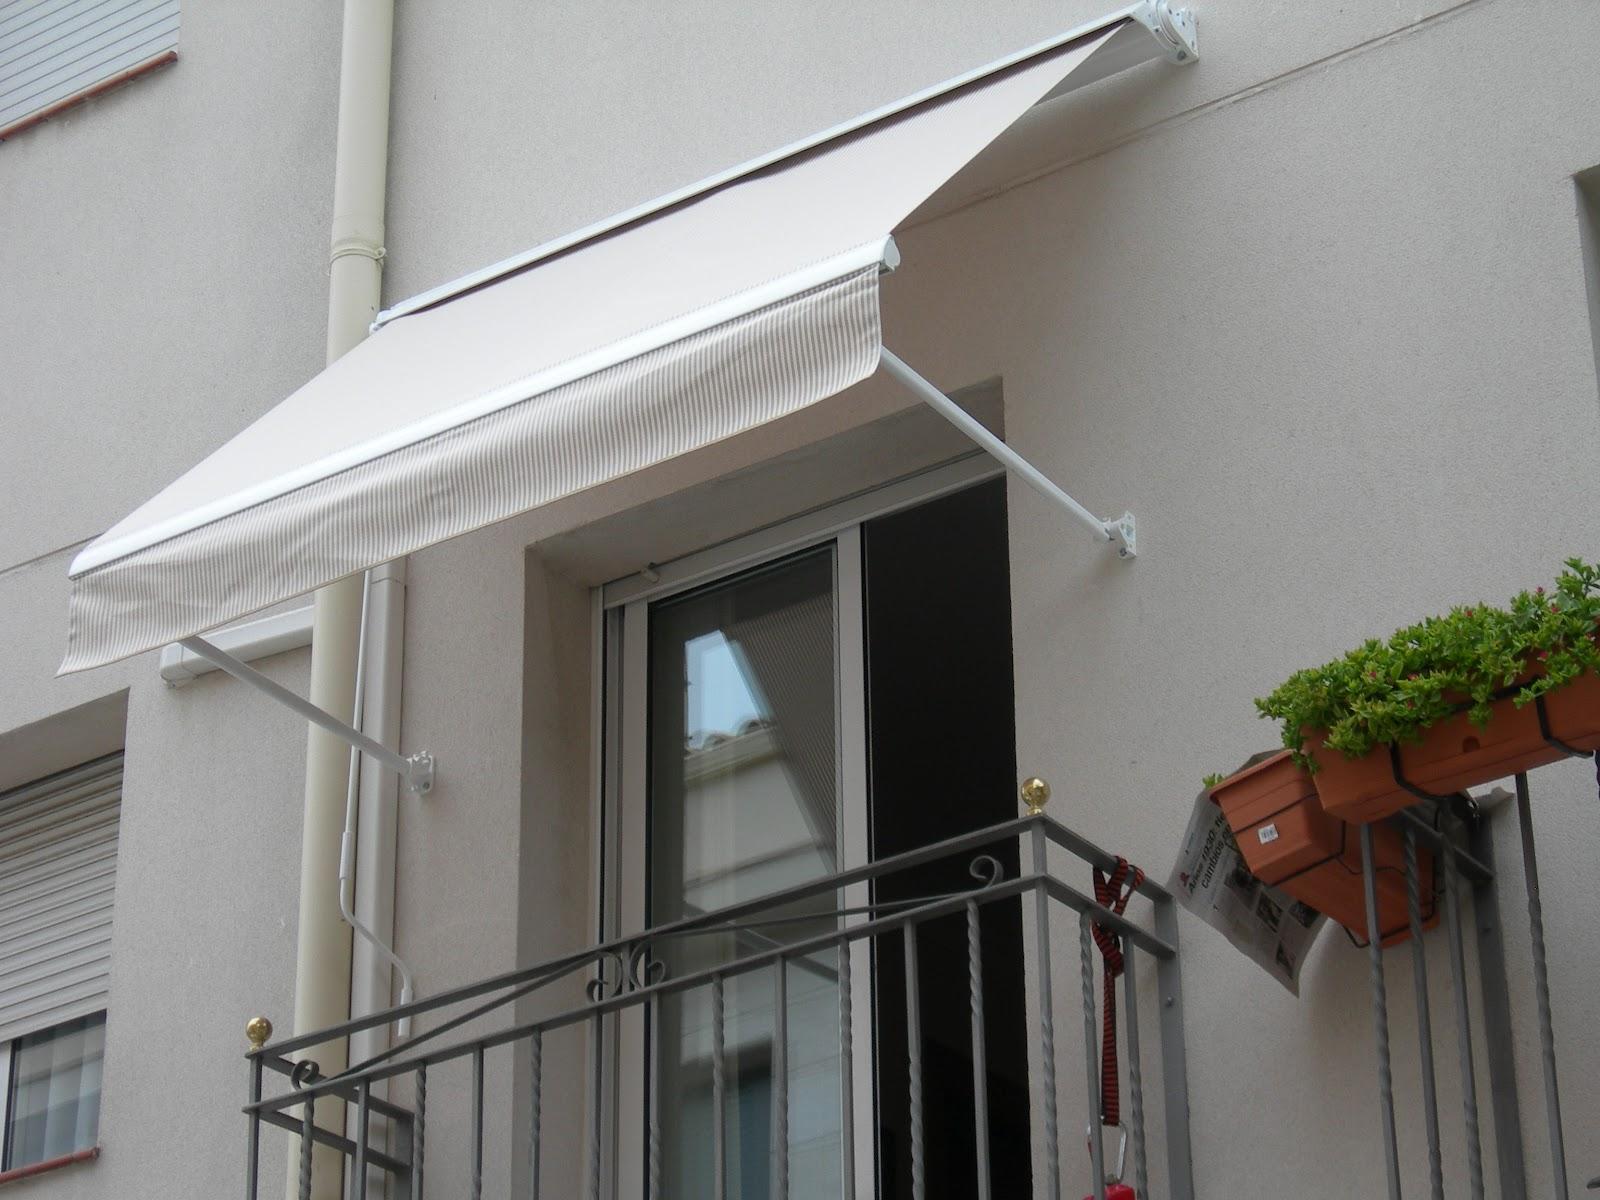 Toldos campos toldos para ventana for Toldos para balcones precios